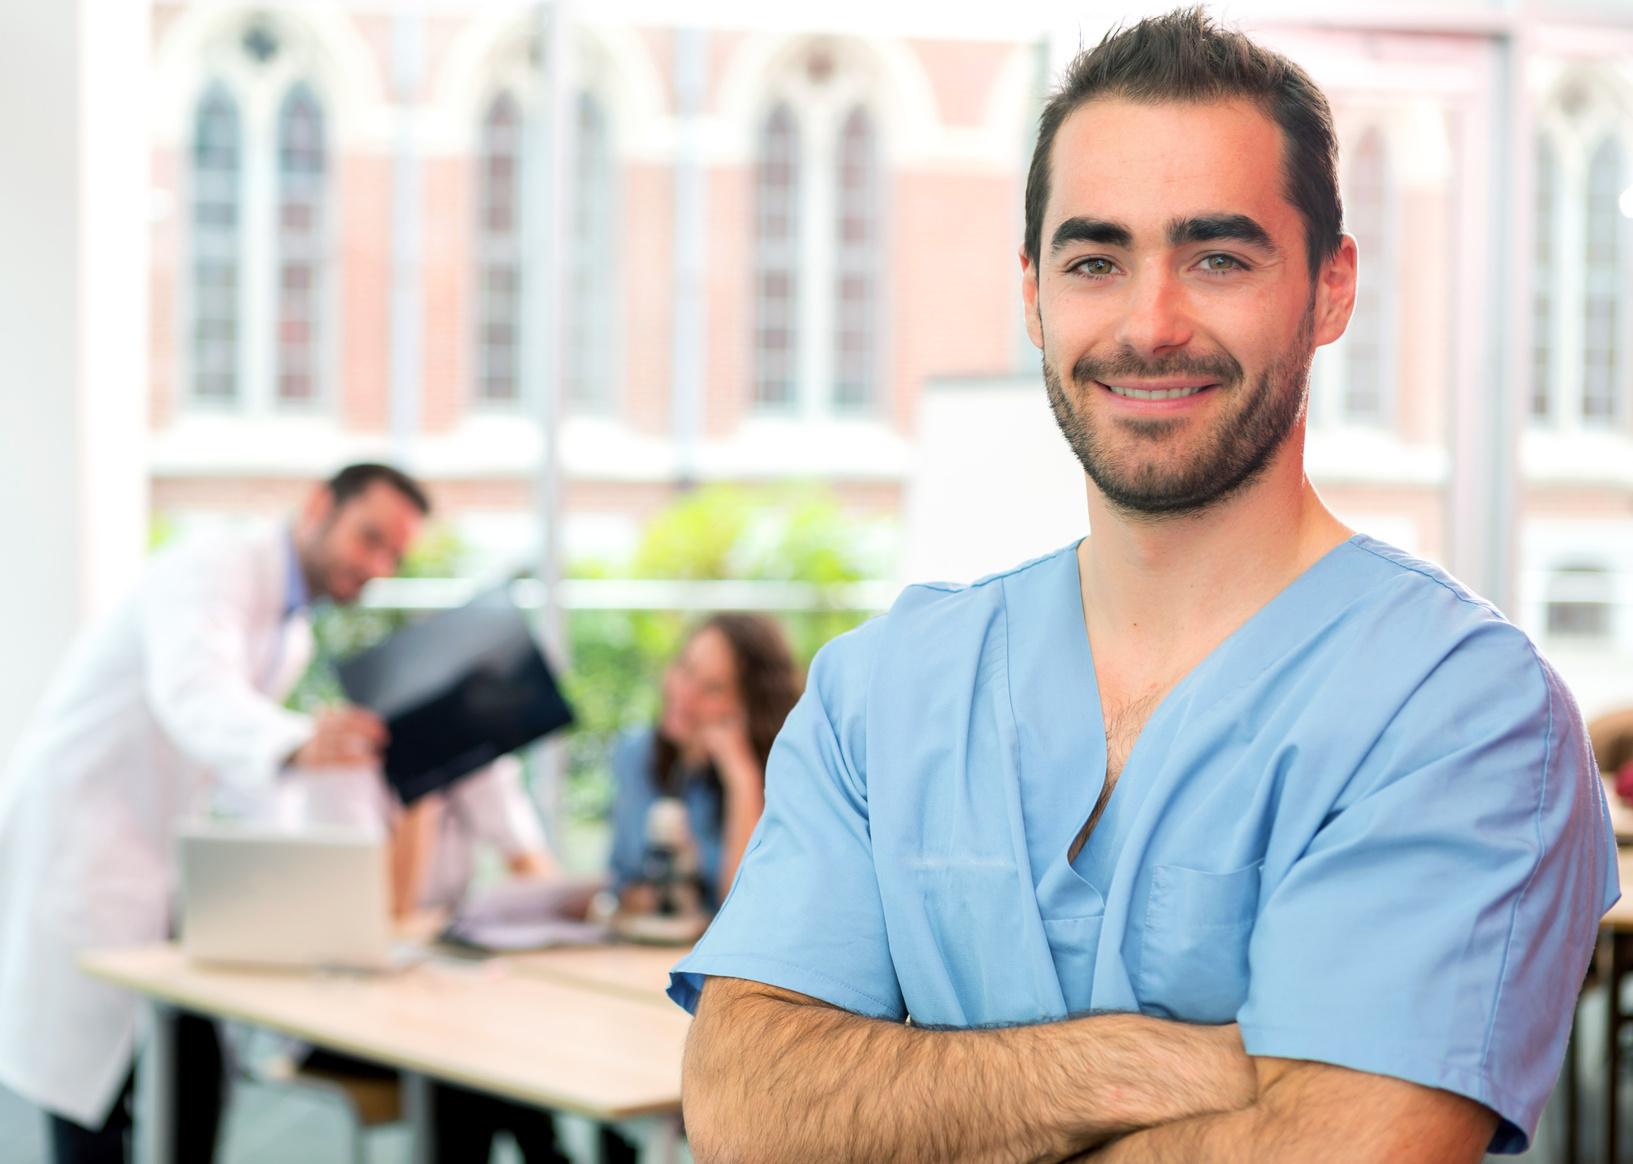 Junger Krankenpfleger entspannt und freundlich